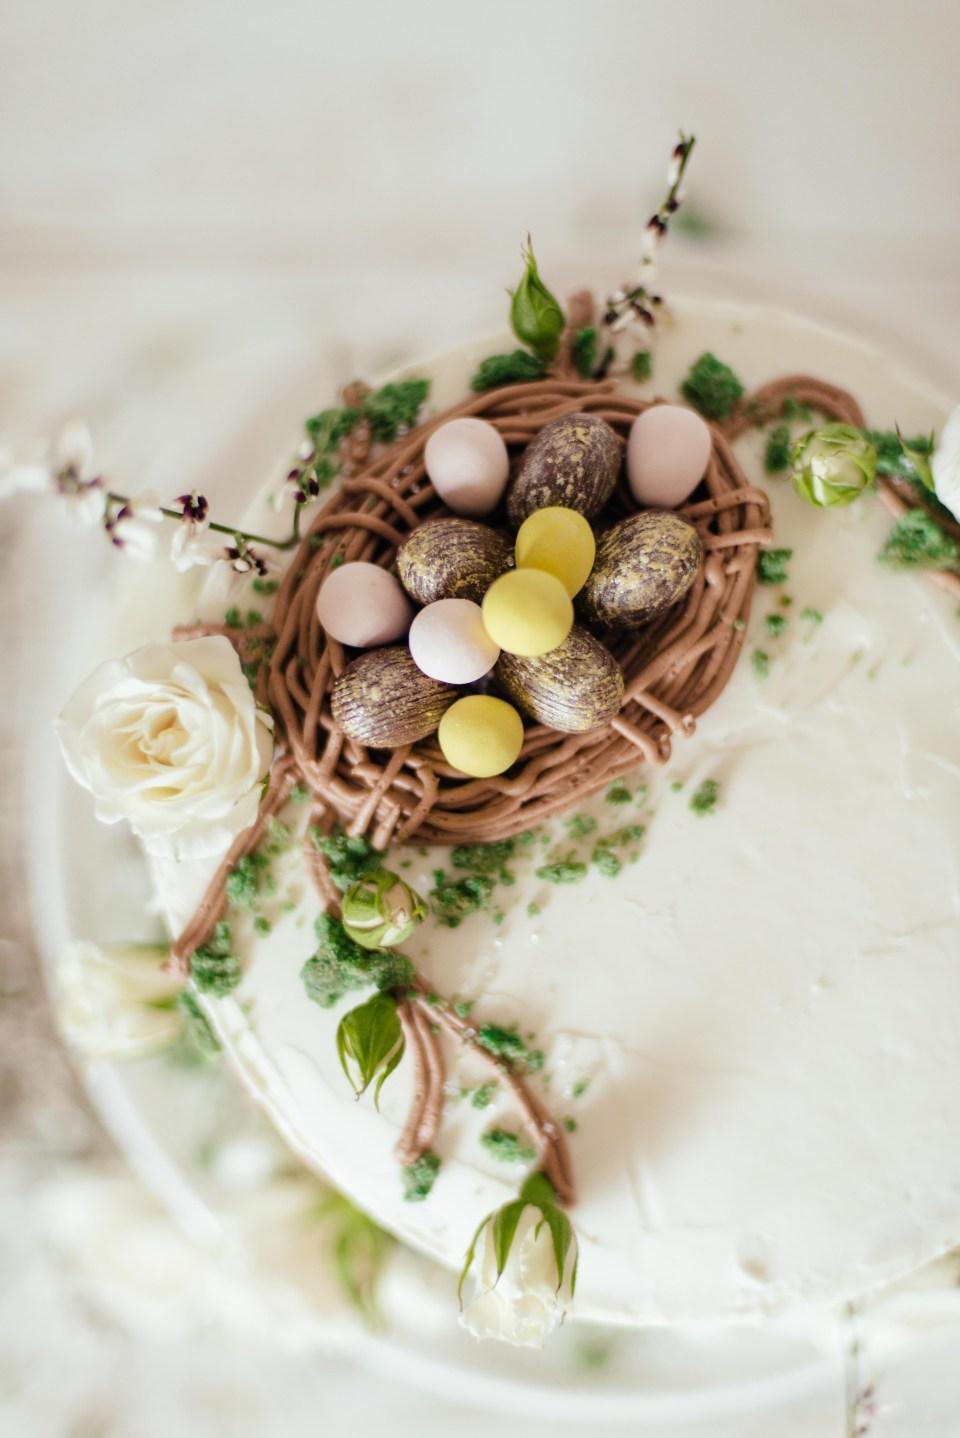 Easter Cake - Nest Cake - Spring Cake